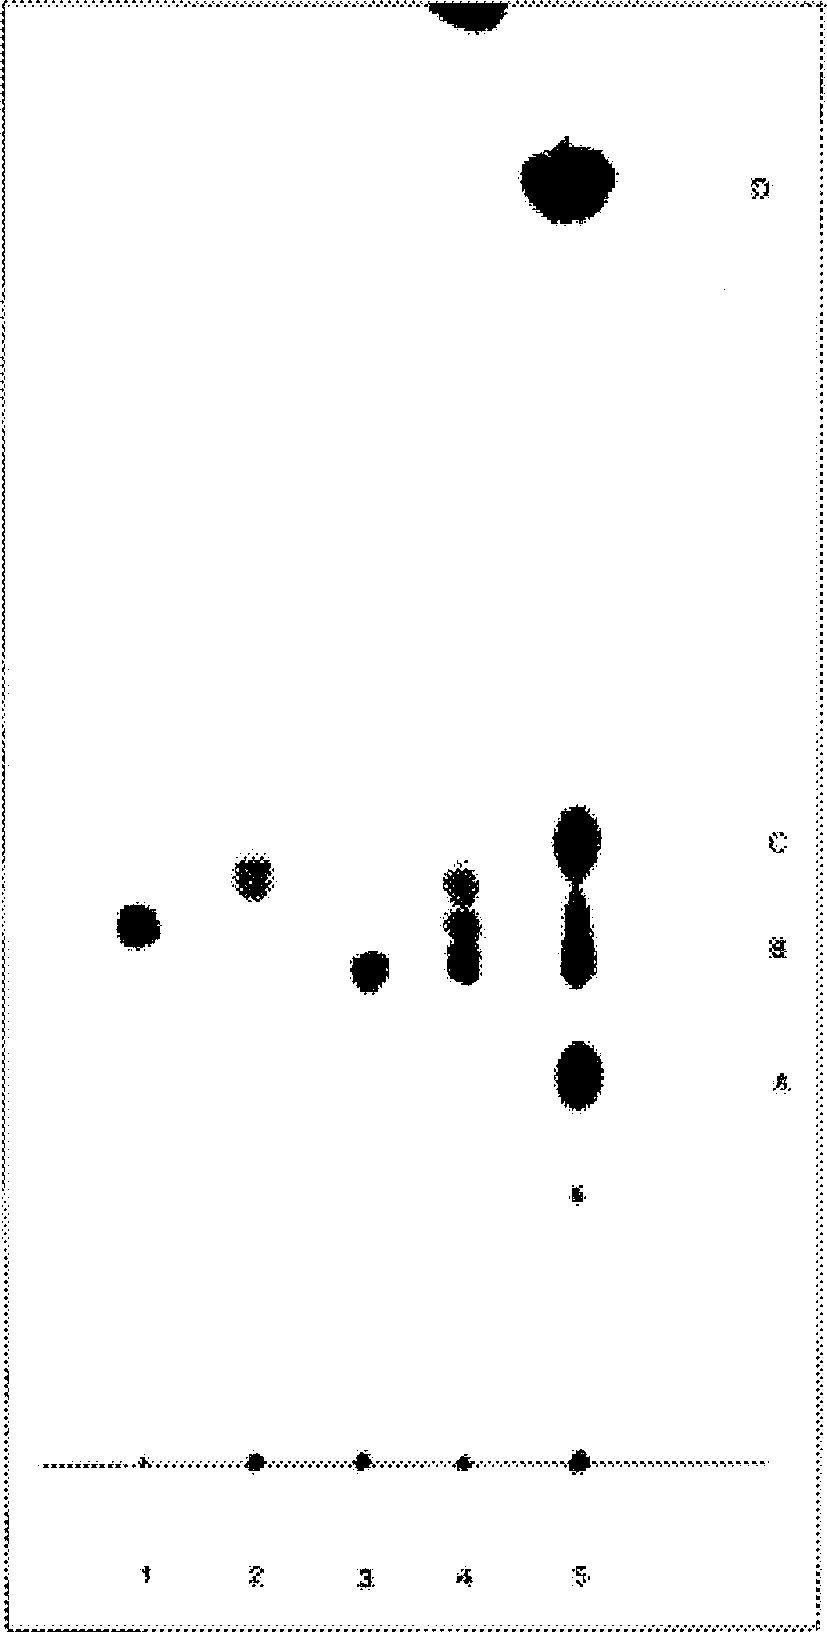 Diffusion [ m g/cm] of the solvents ethoxyethoxyethanol (E), dipropylene  glycol